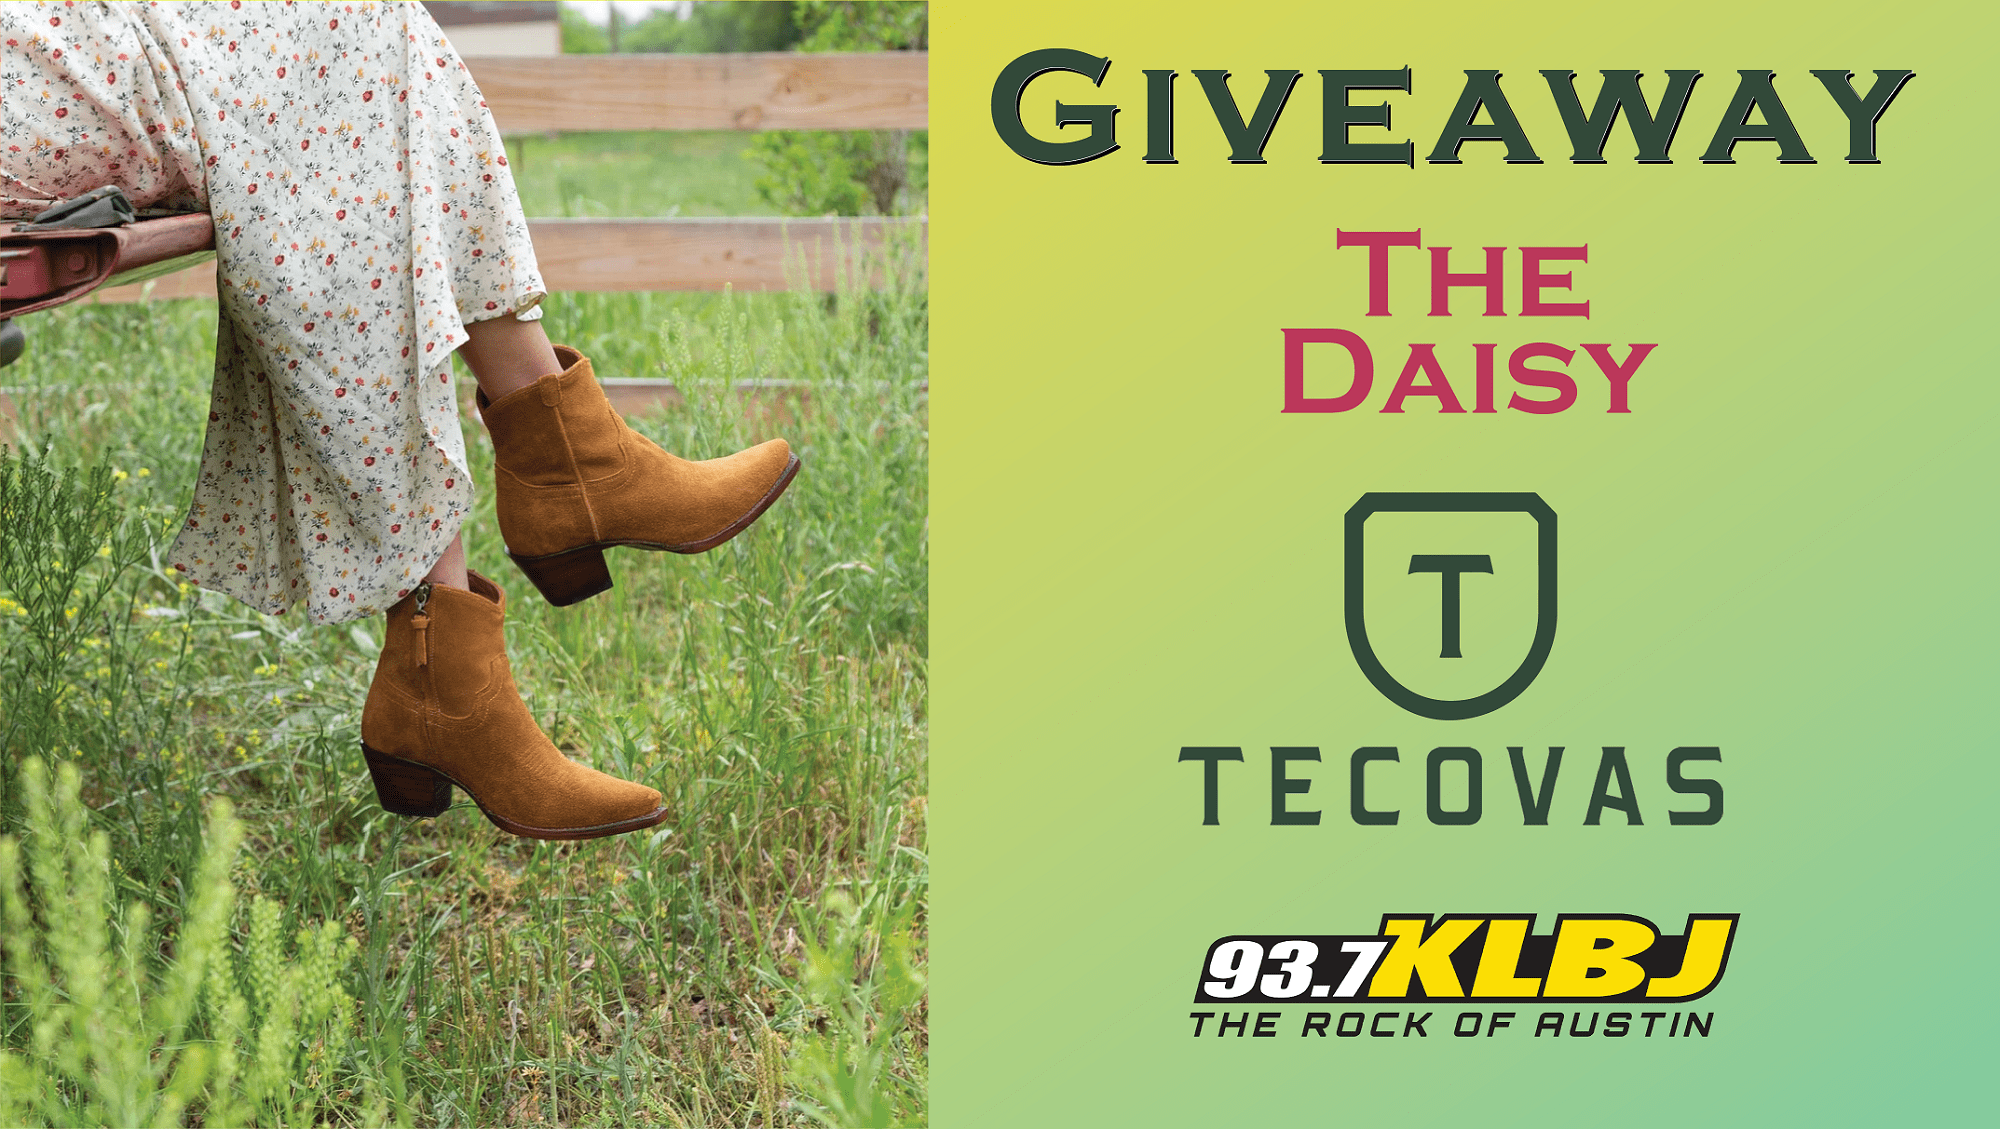 The Daisy Giveaway Tecovas KLBJ FM